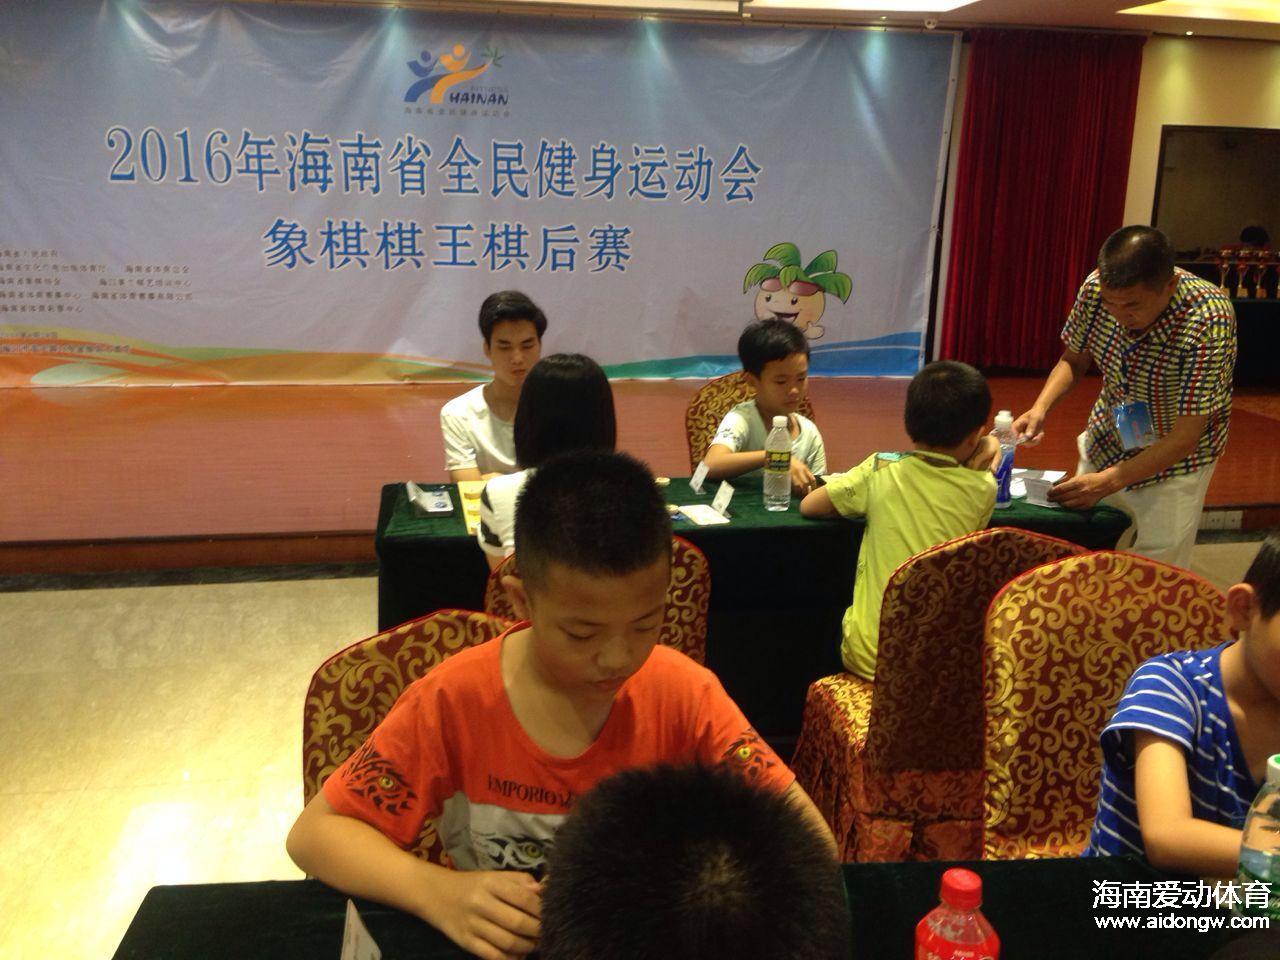 2016年海南省全民健身运动会象棋棋王棋后赛开赛 194名棋手同台竞技